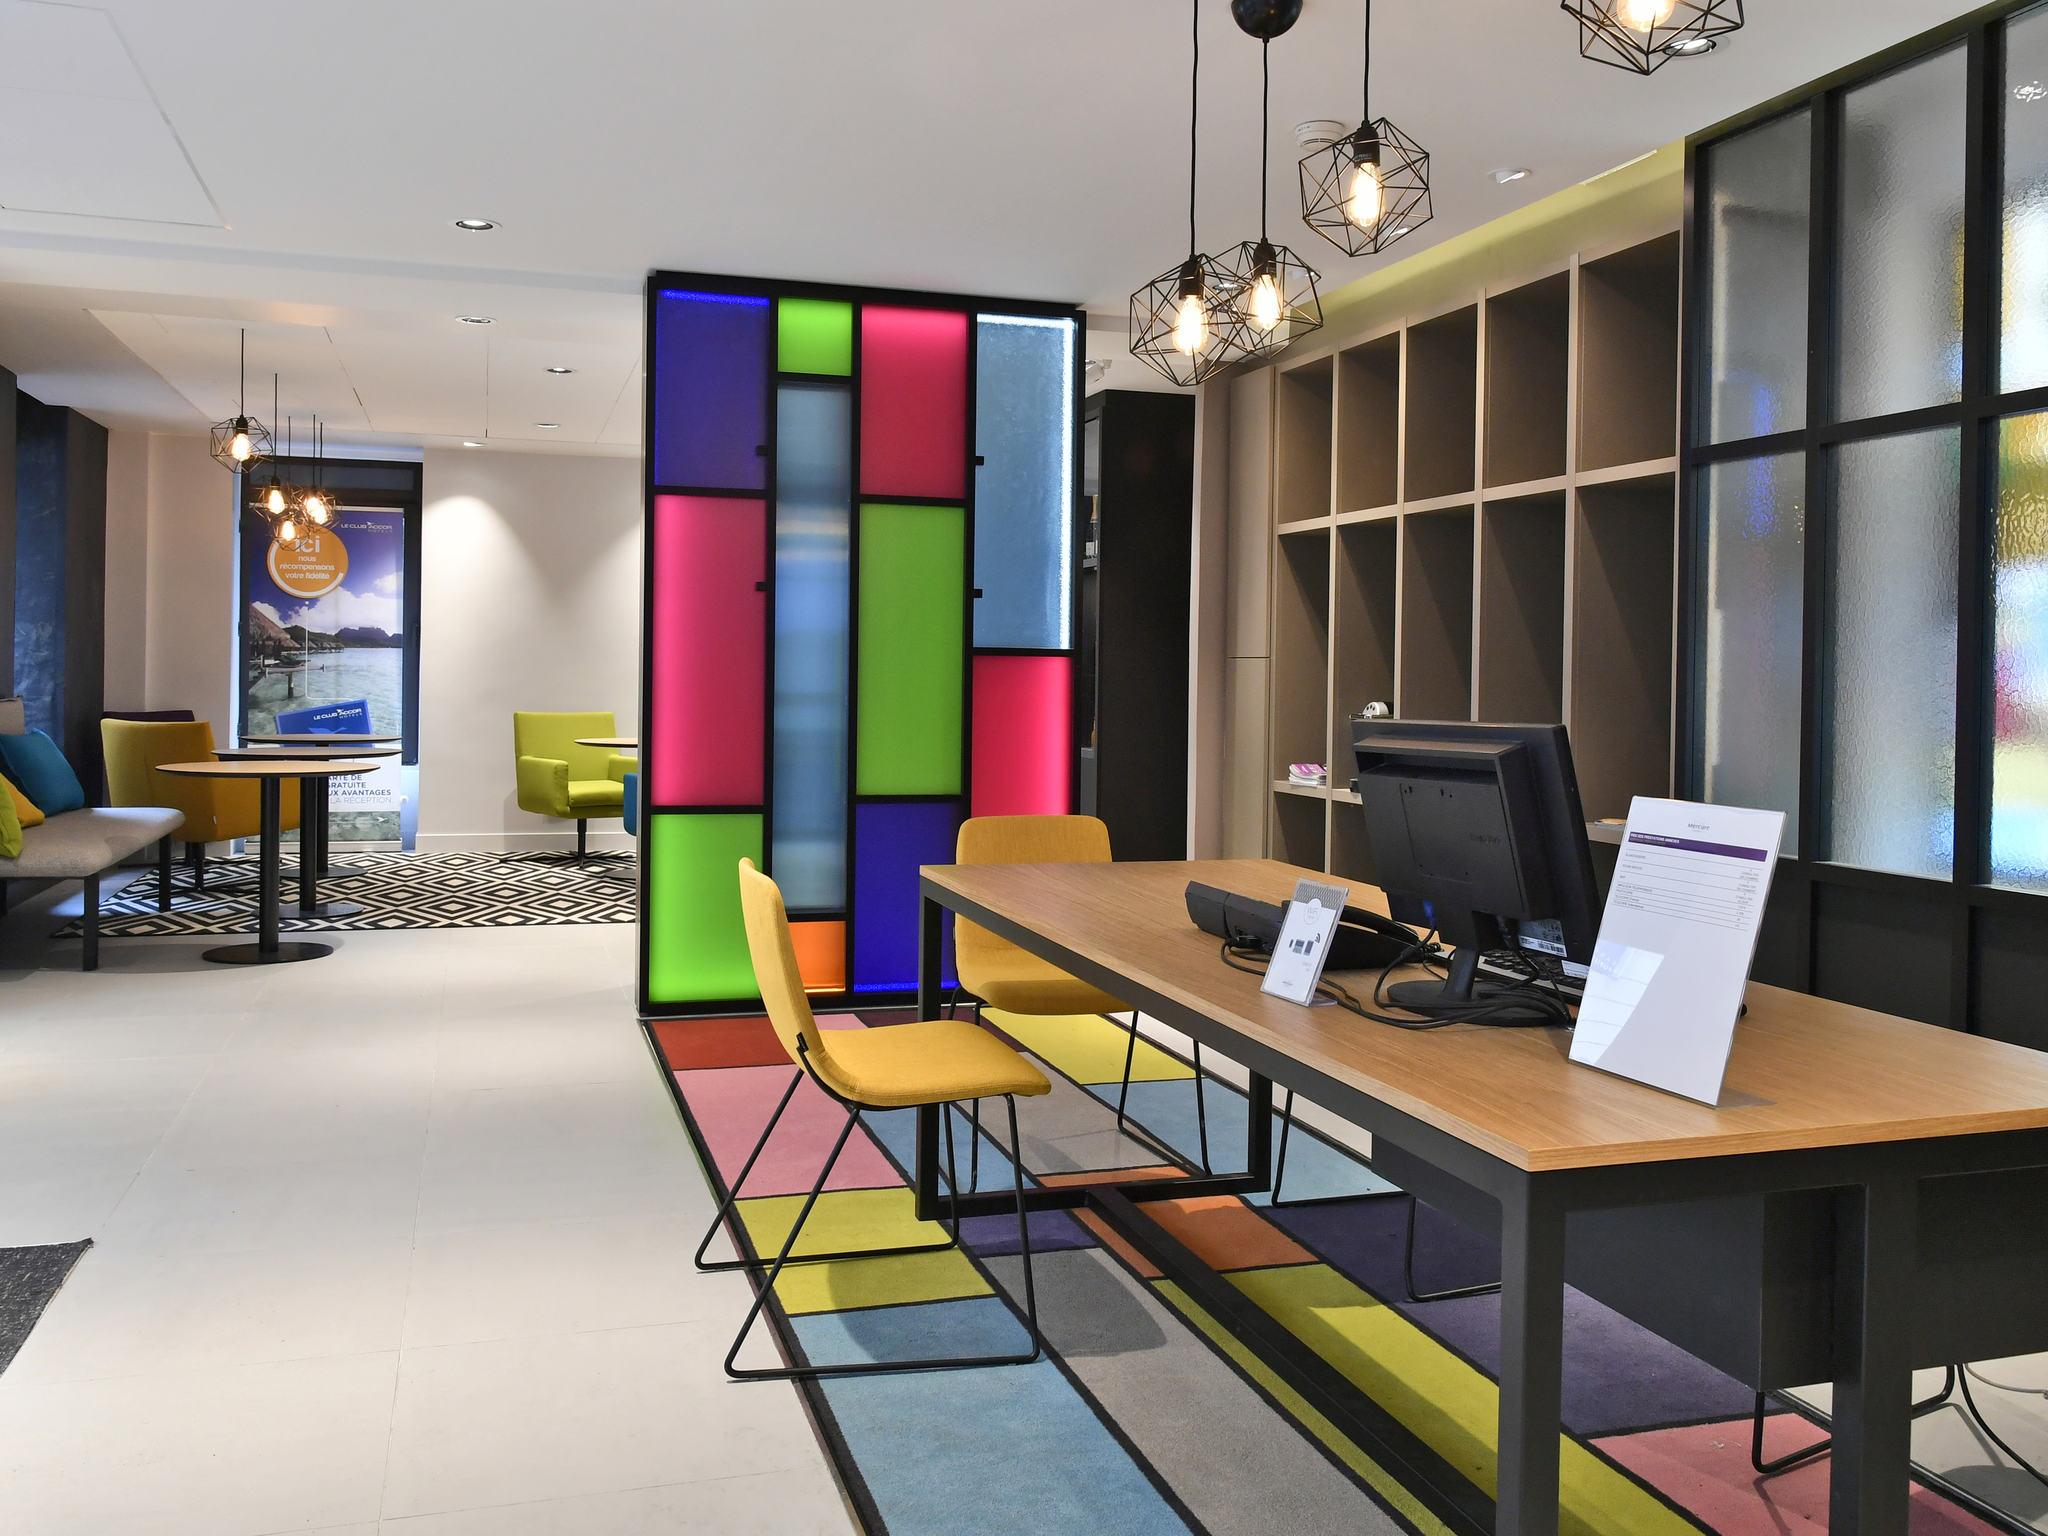 โรงแรม – โรงแรมเมอร์เคียว ปารีส การ์ เดอ เลสต์ มาเกนตา